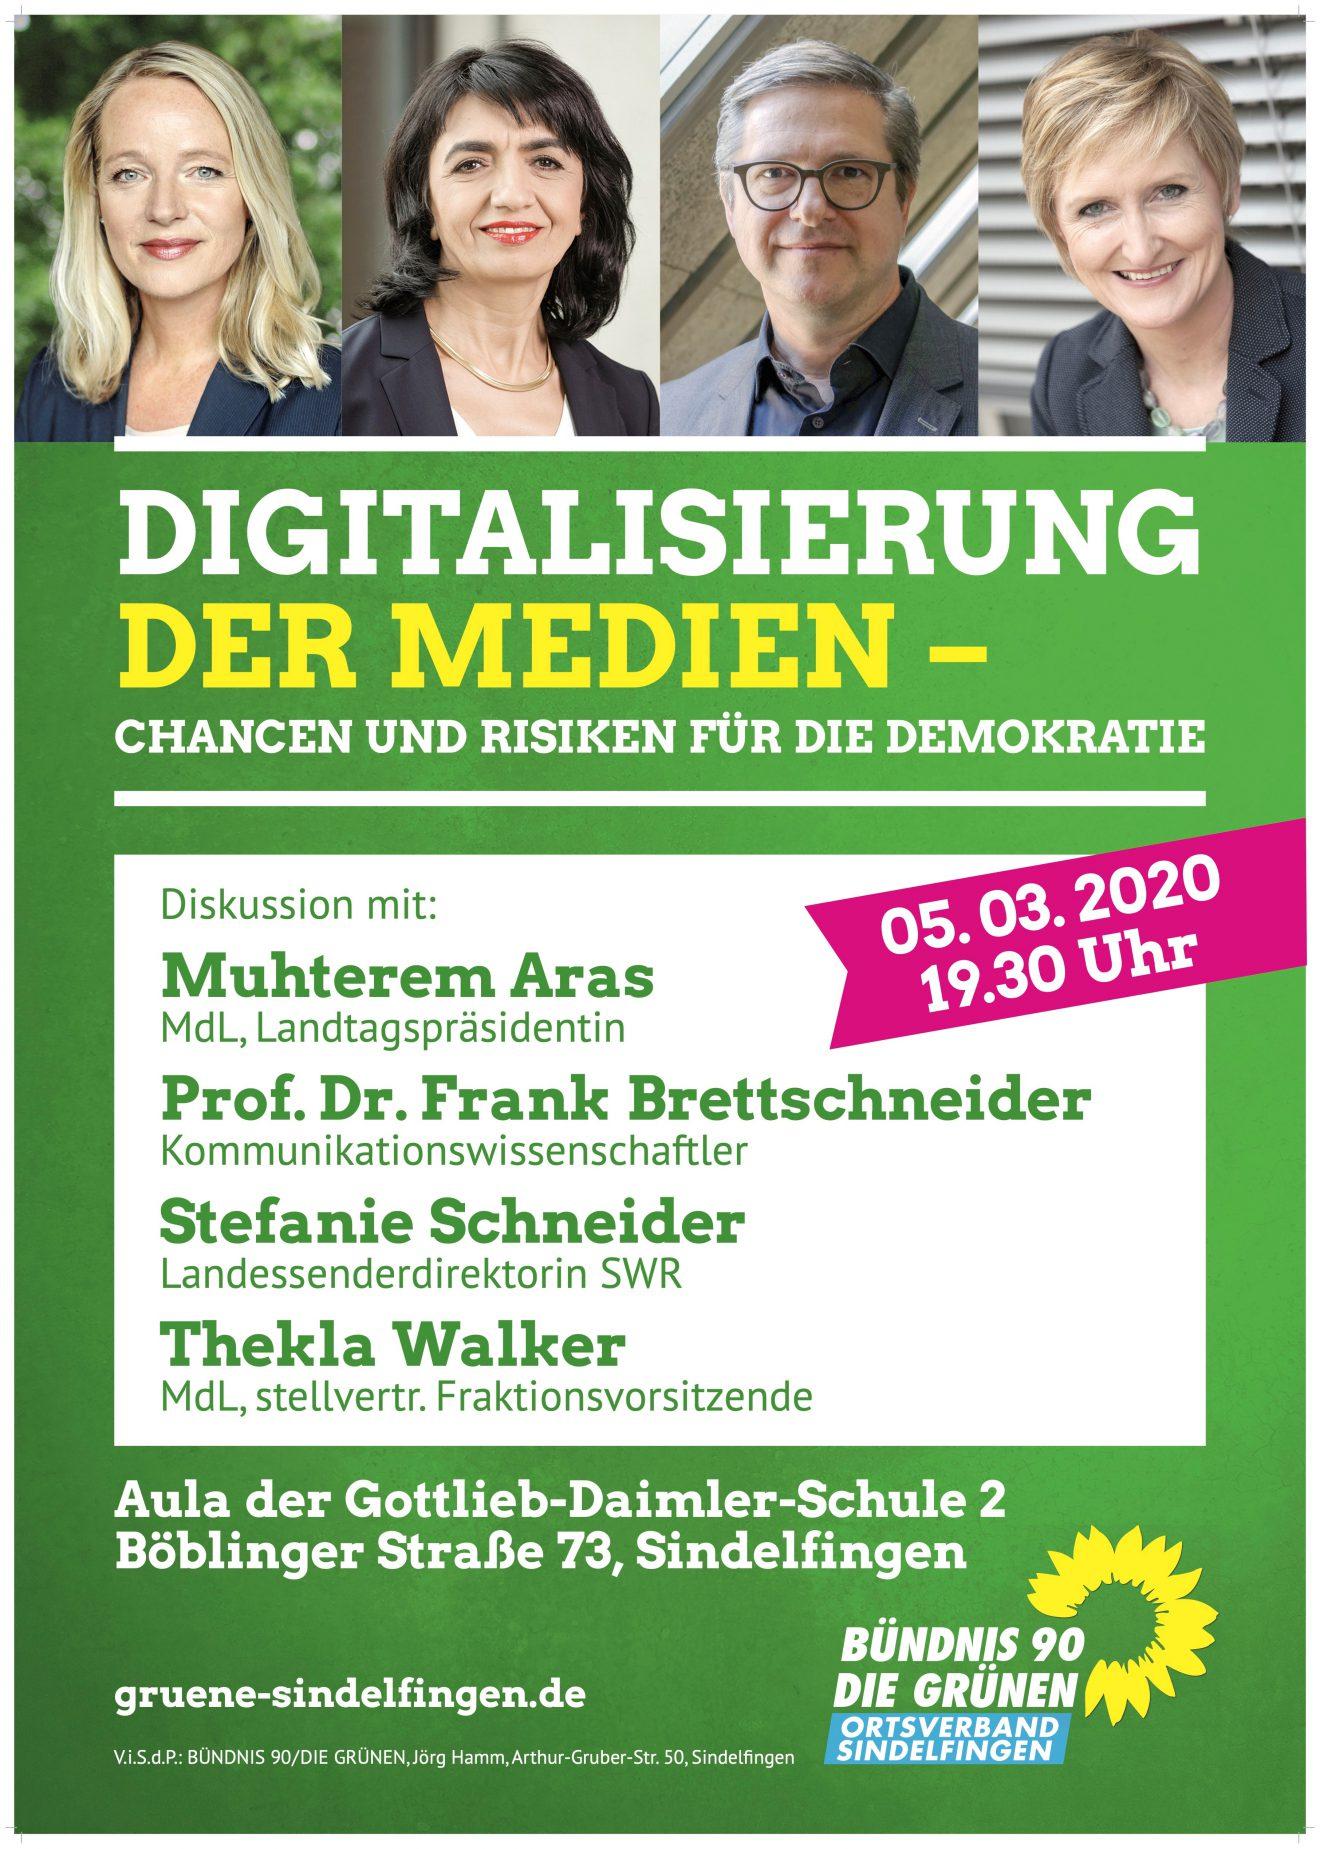 """Podiumsdiskussion """"Digitalisierung der Medien – Chancen und Risiken für die Demokratie"""" (Donnerstag 5.3., Gottlieb-Daimler-Schule Sindelfingen) mit Landtagspräsidentin Muhterem Aras wird verschoben"""